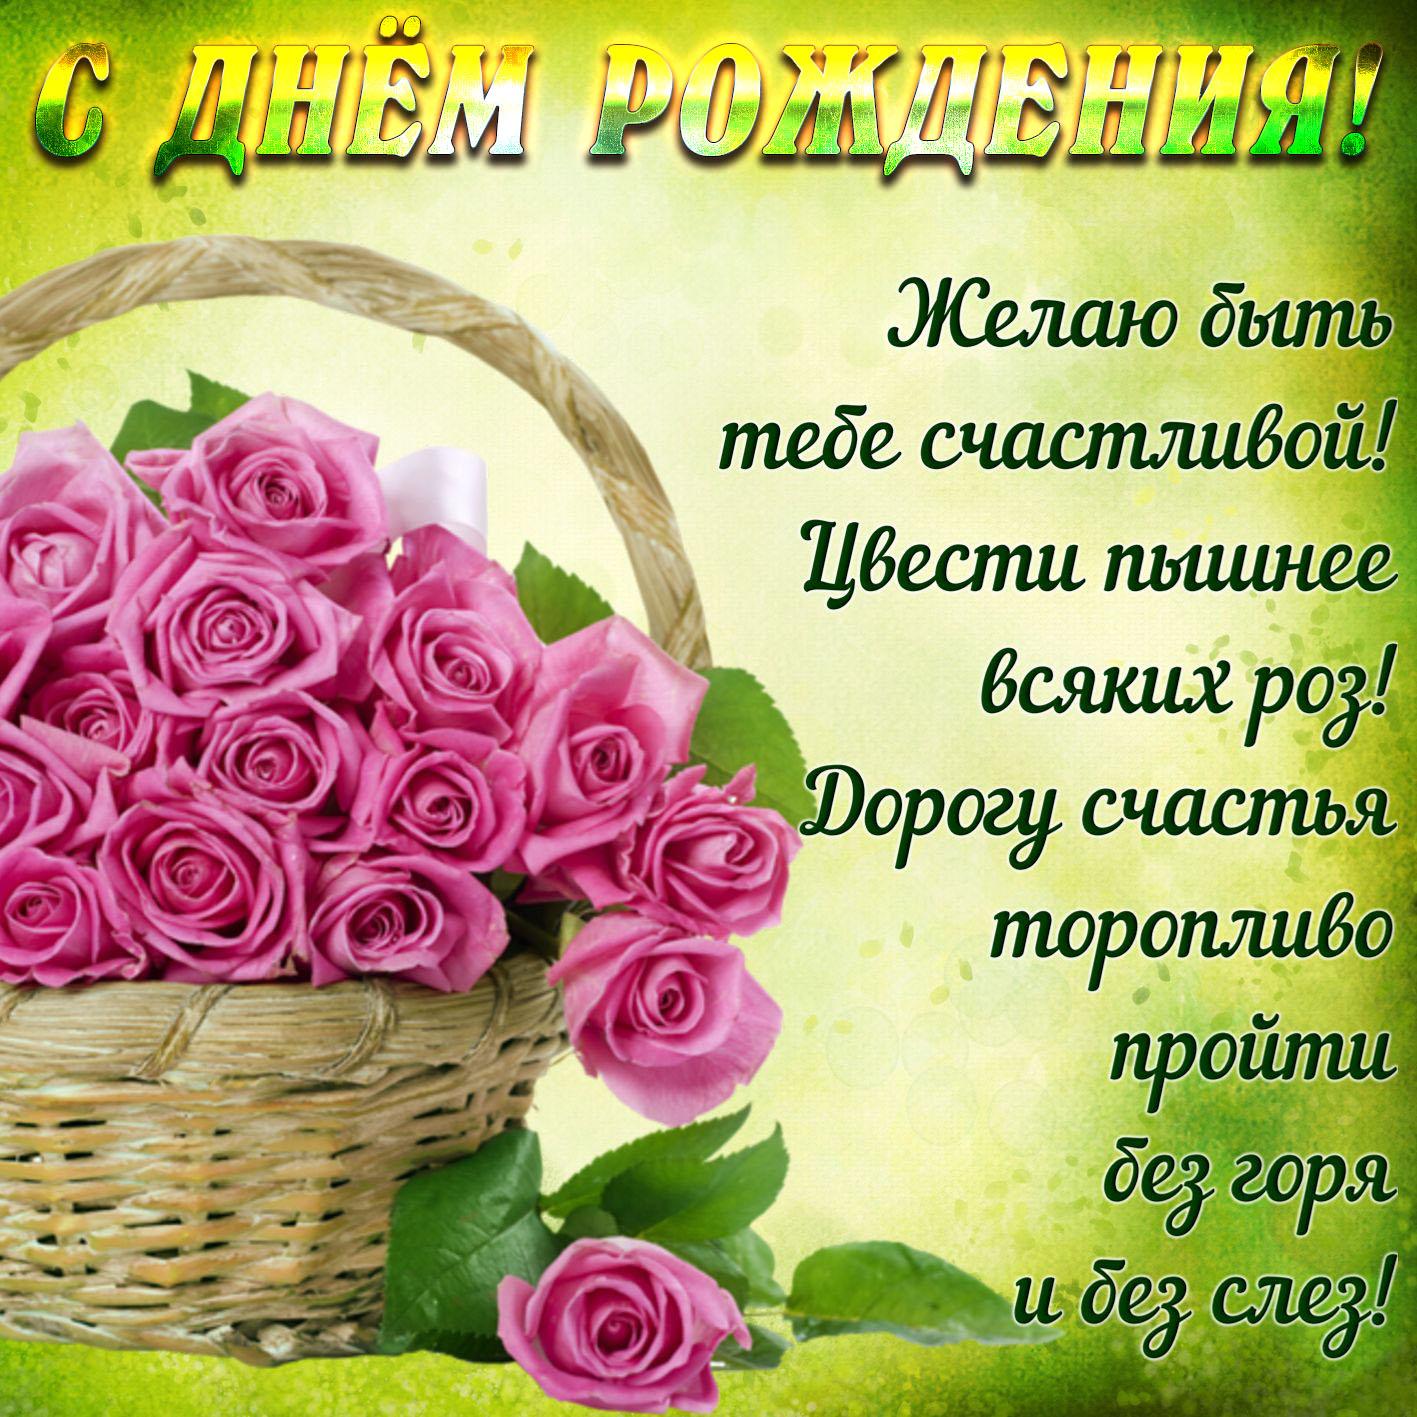 Открытка на День рождения - корзина роз и красивое пожелание